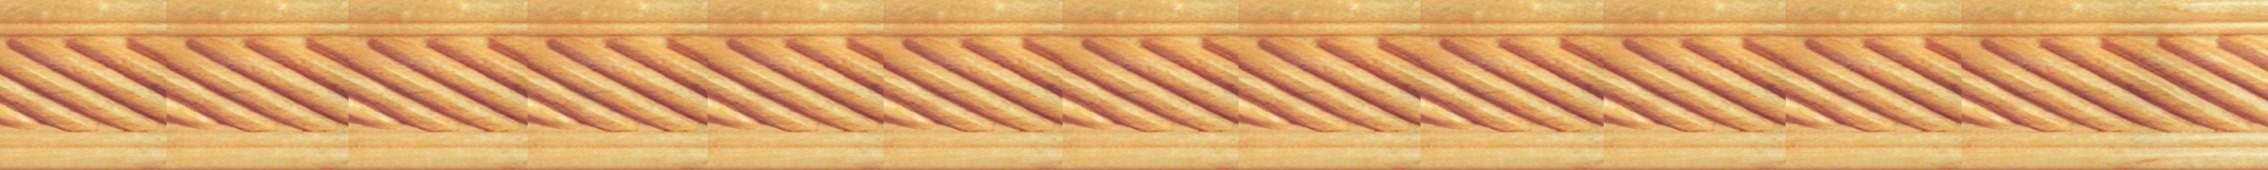 木线贴图素材的图片零壹伍